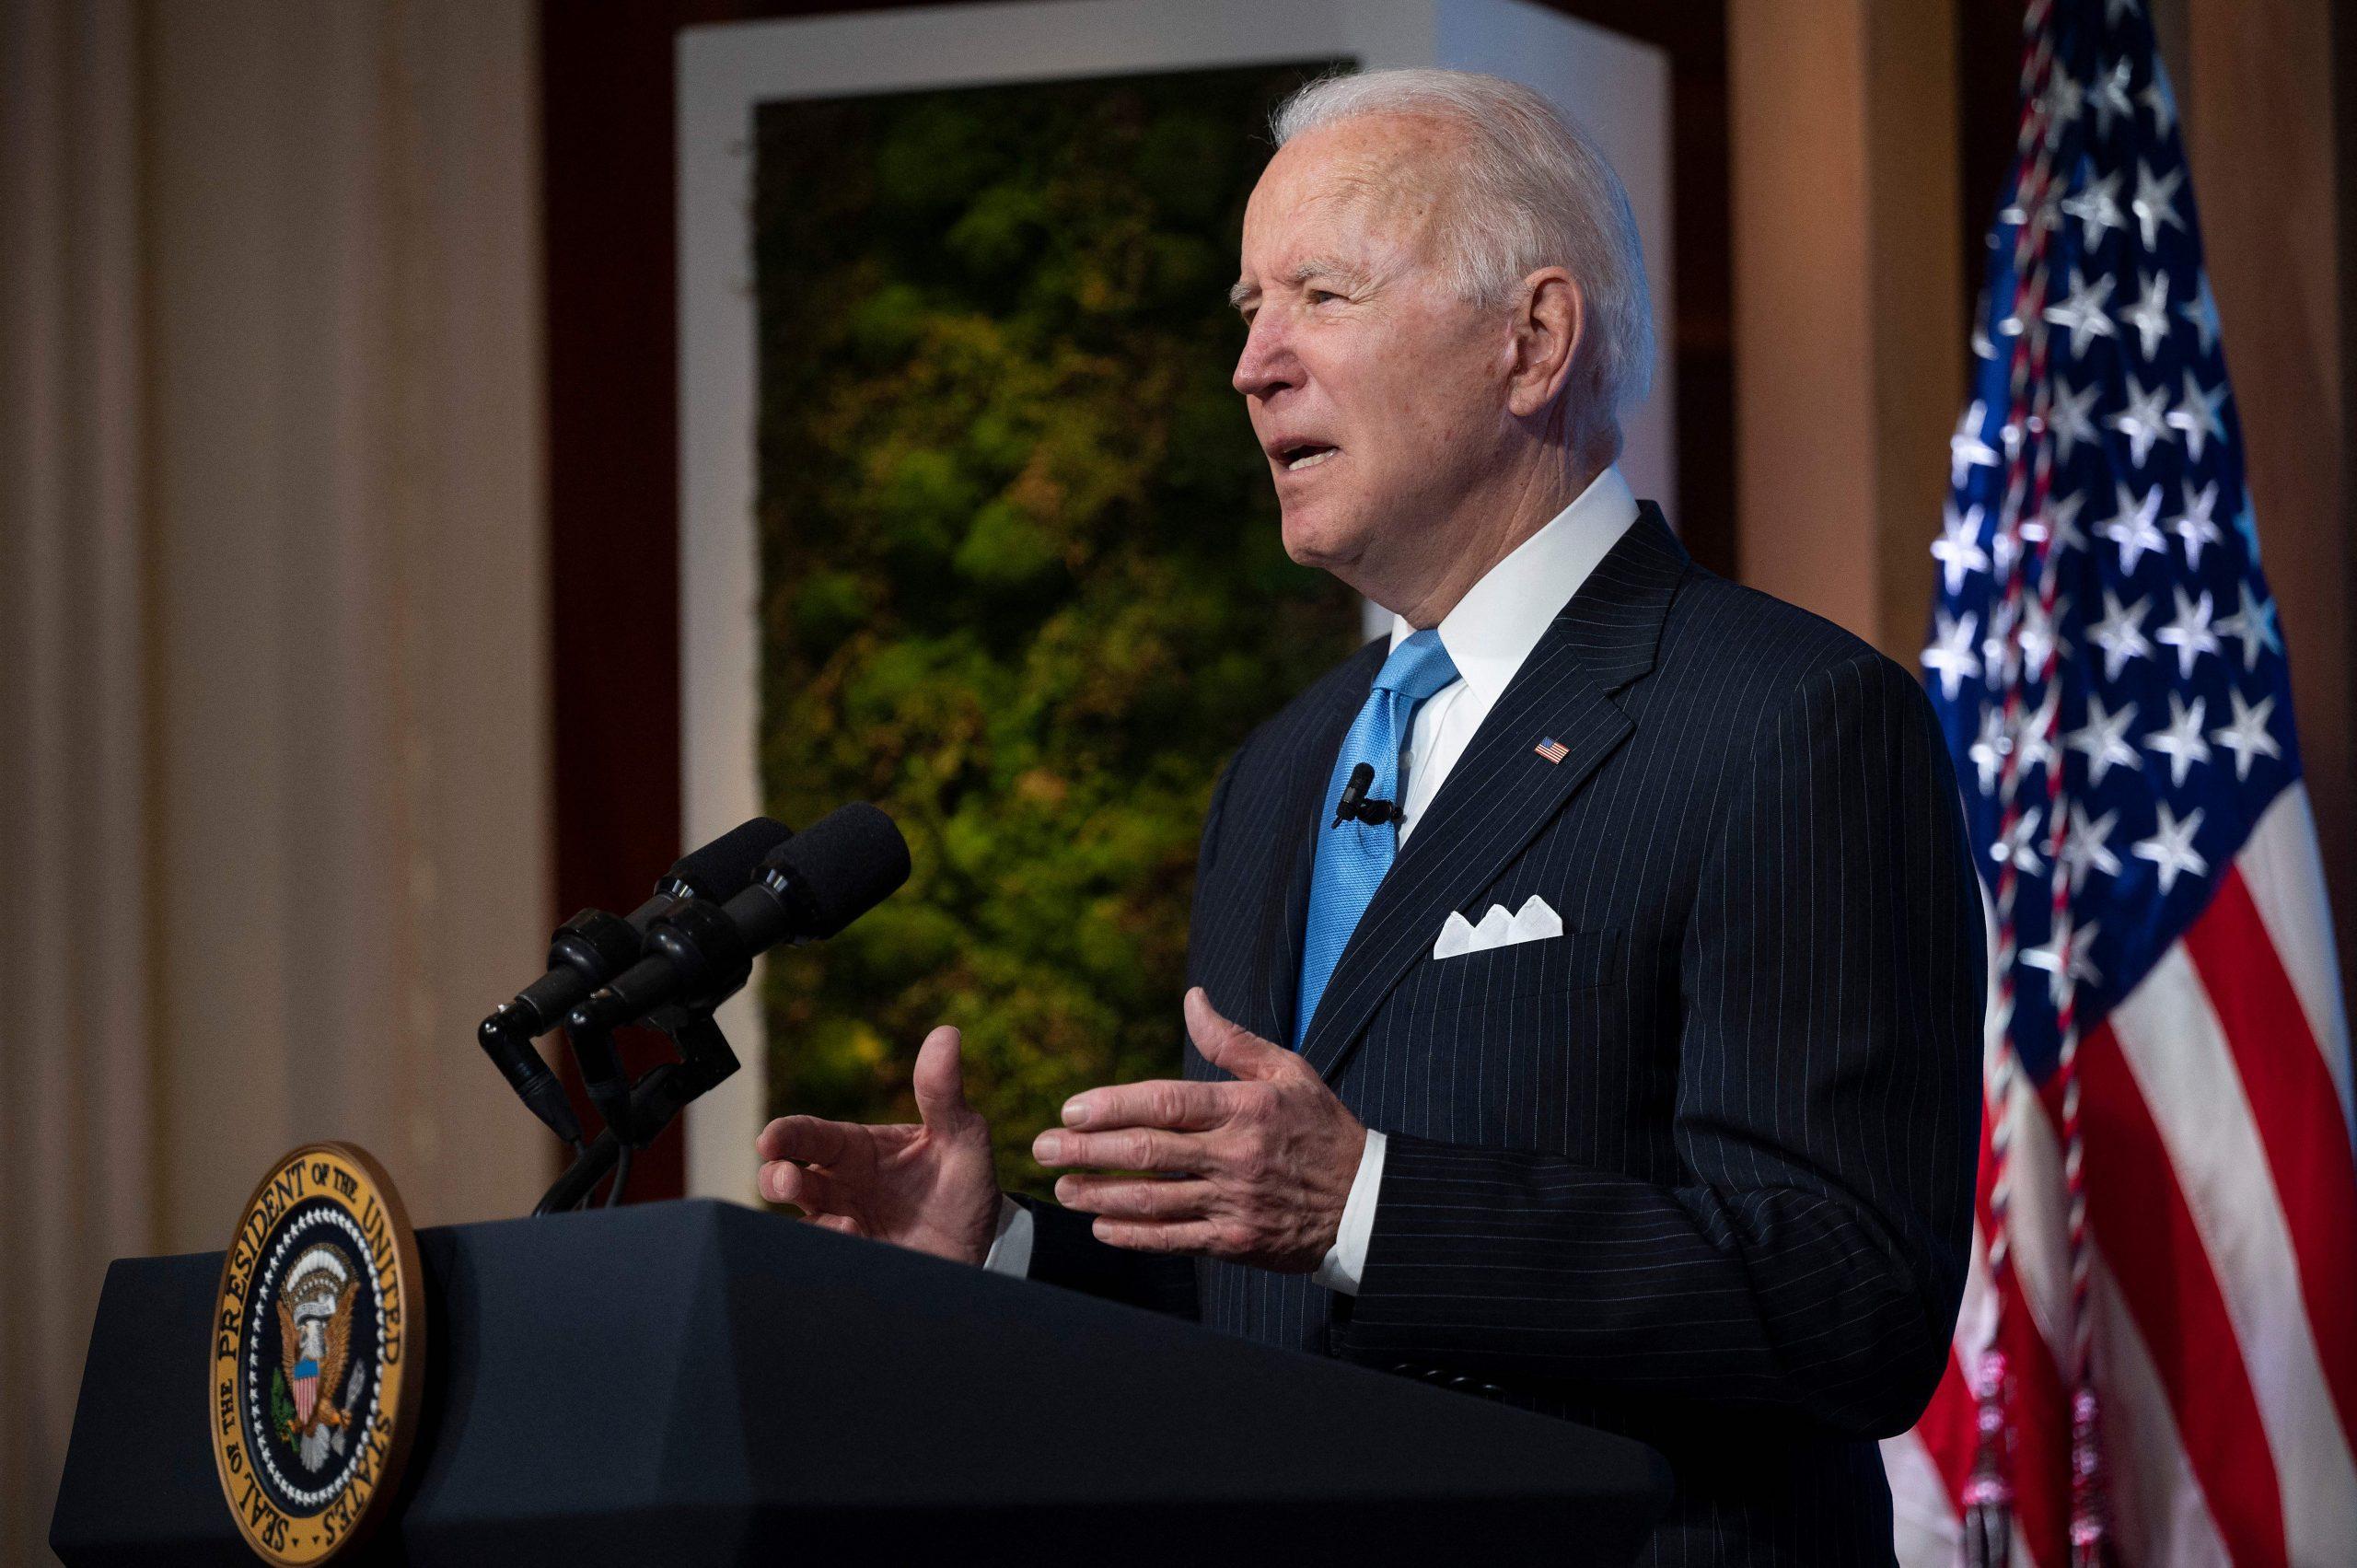 Biden reconoce las atrocidades cometidas contra los armenios como un genocidio en una ruptura histórica con los anteriores presidentes de EE. UU.